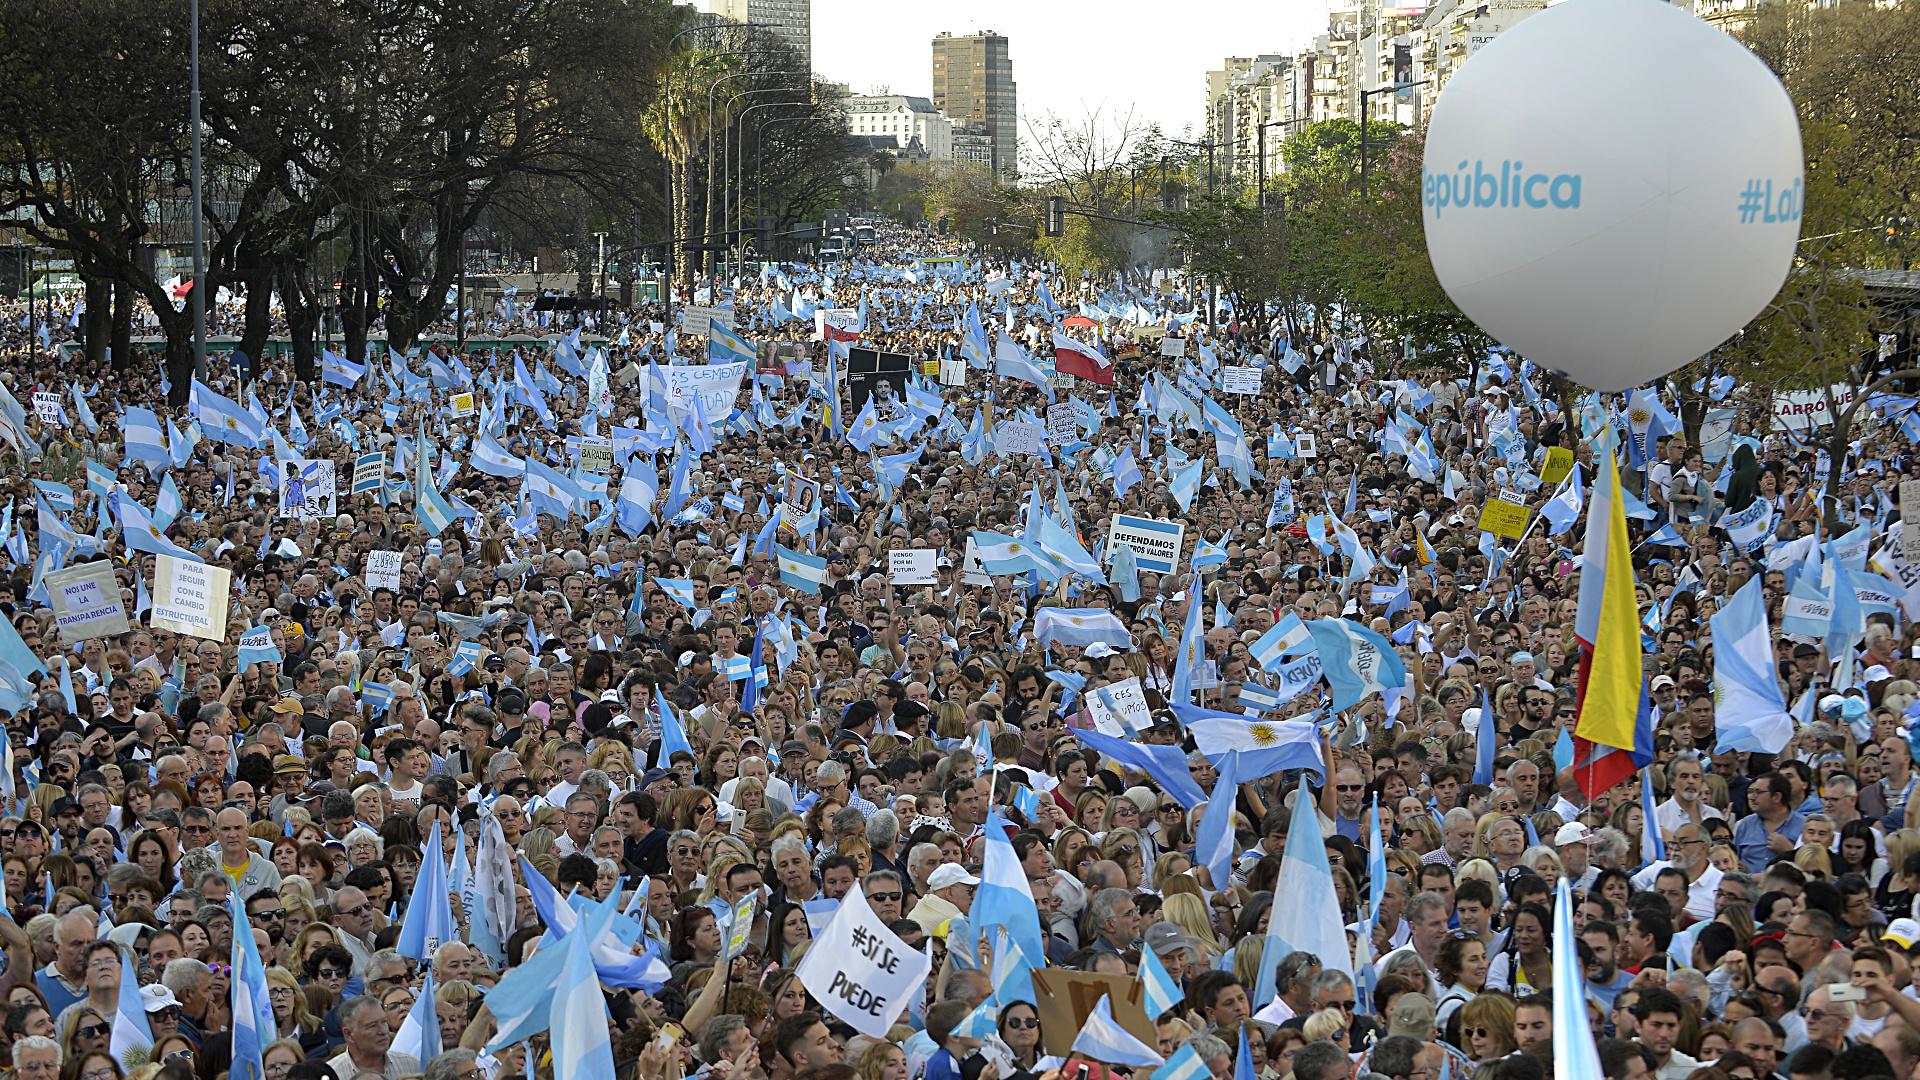 La Marcha del Millón convocó a una multitud en la 9 de Julio